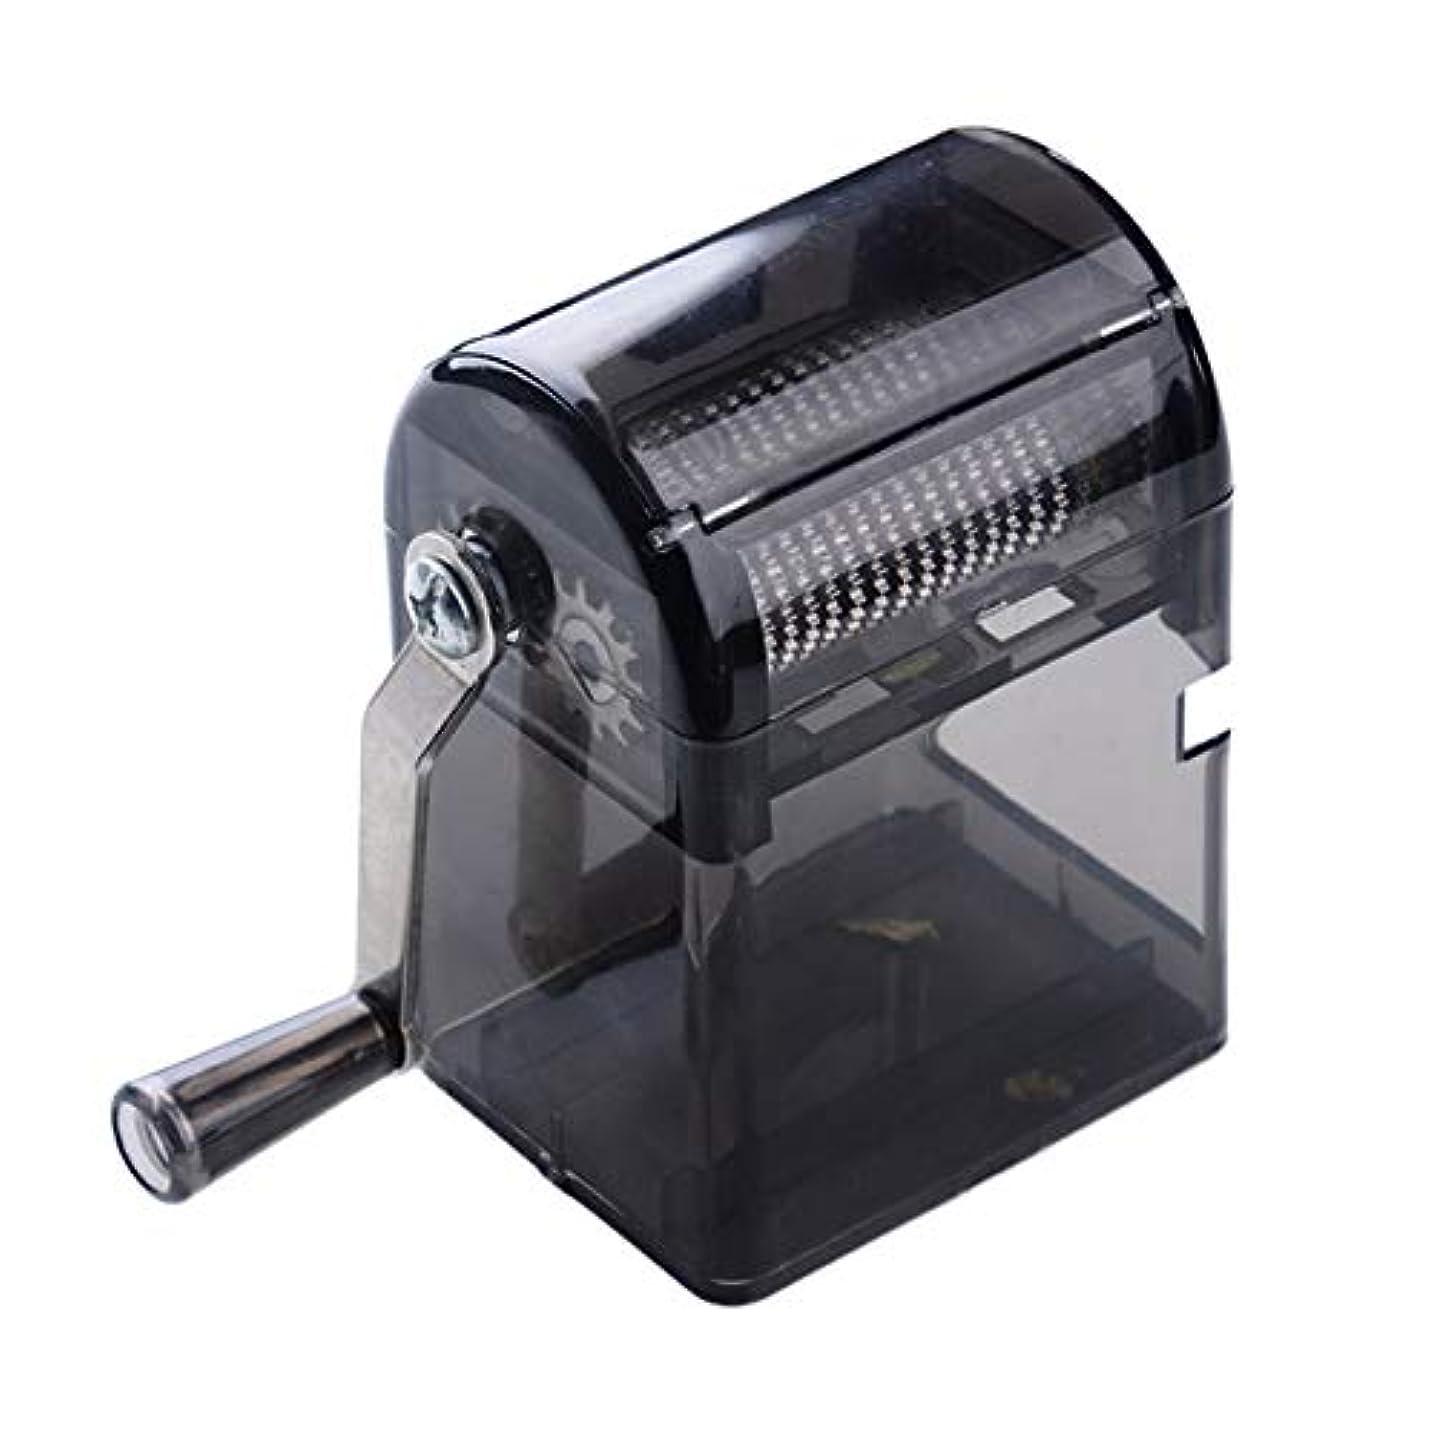 トレイブラジャー下にSaikogoods シンプルなデザイン手回しタバコグラインダー耐久性のある利用タバコハーブスパイスクラッシャーマニュアルミュラータバコ用品 黒